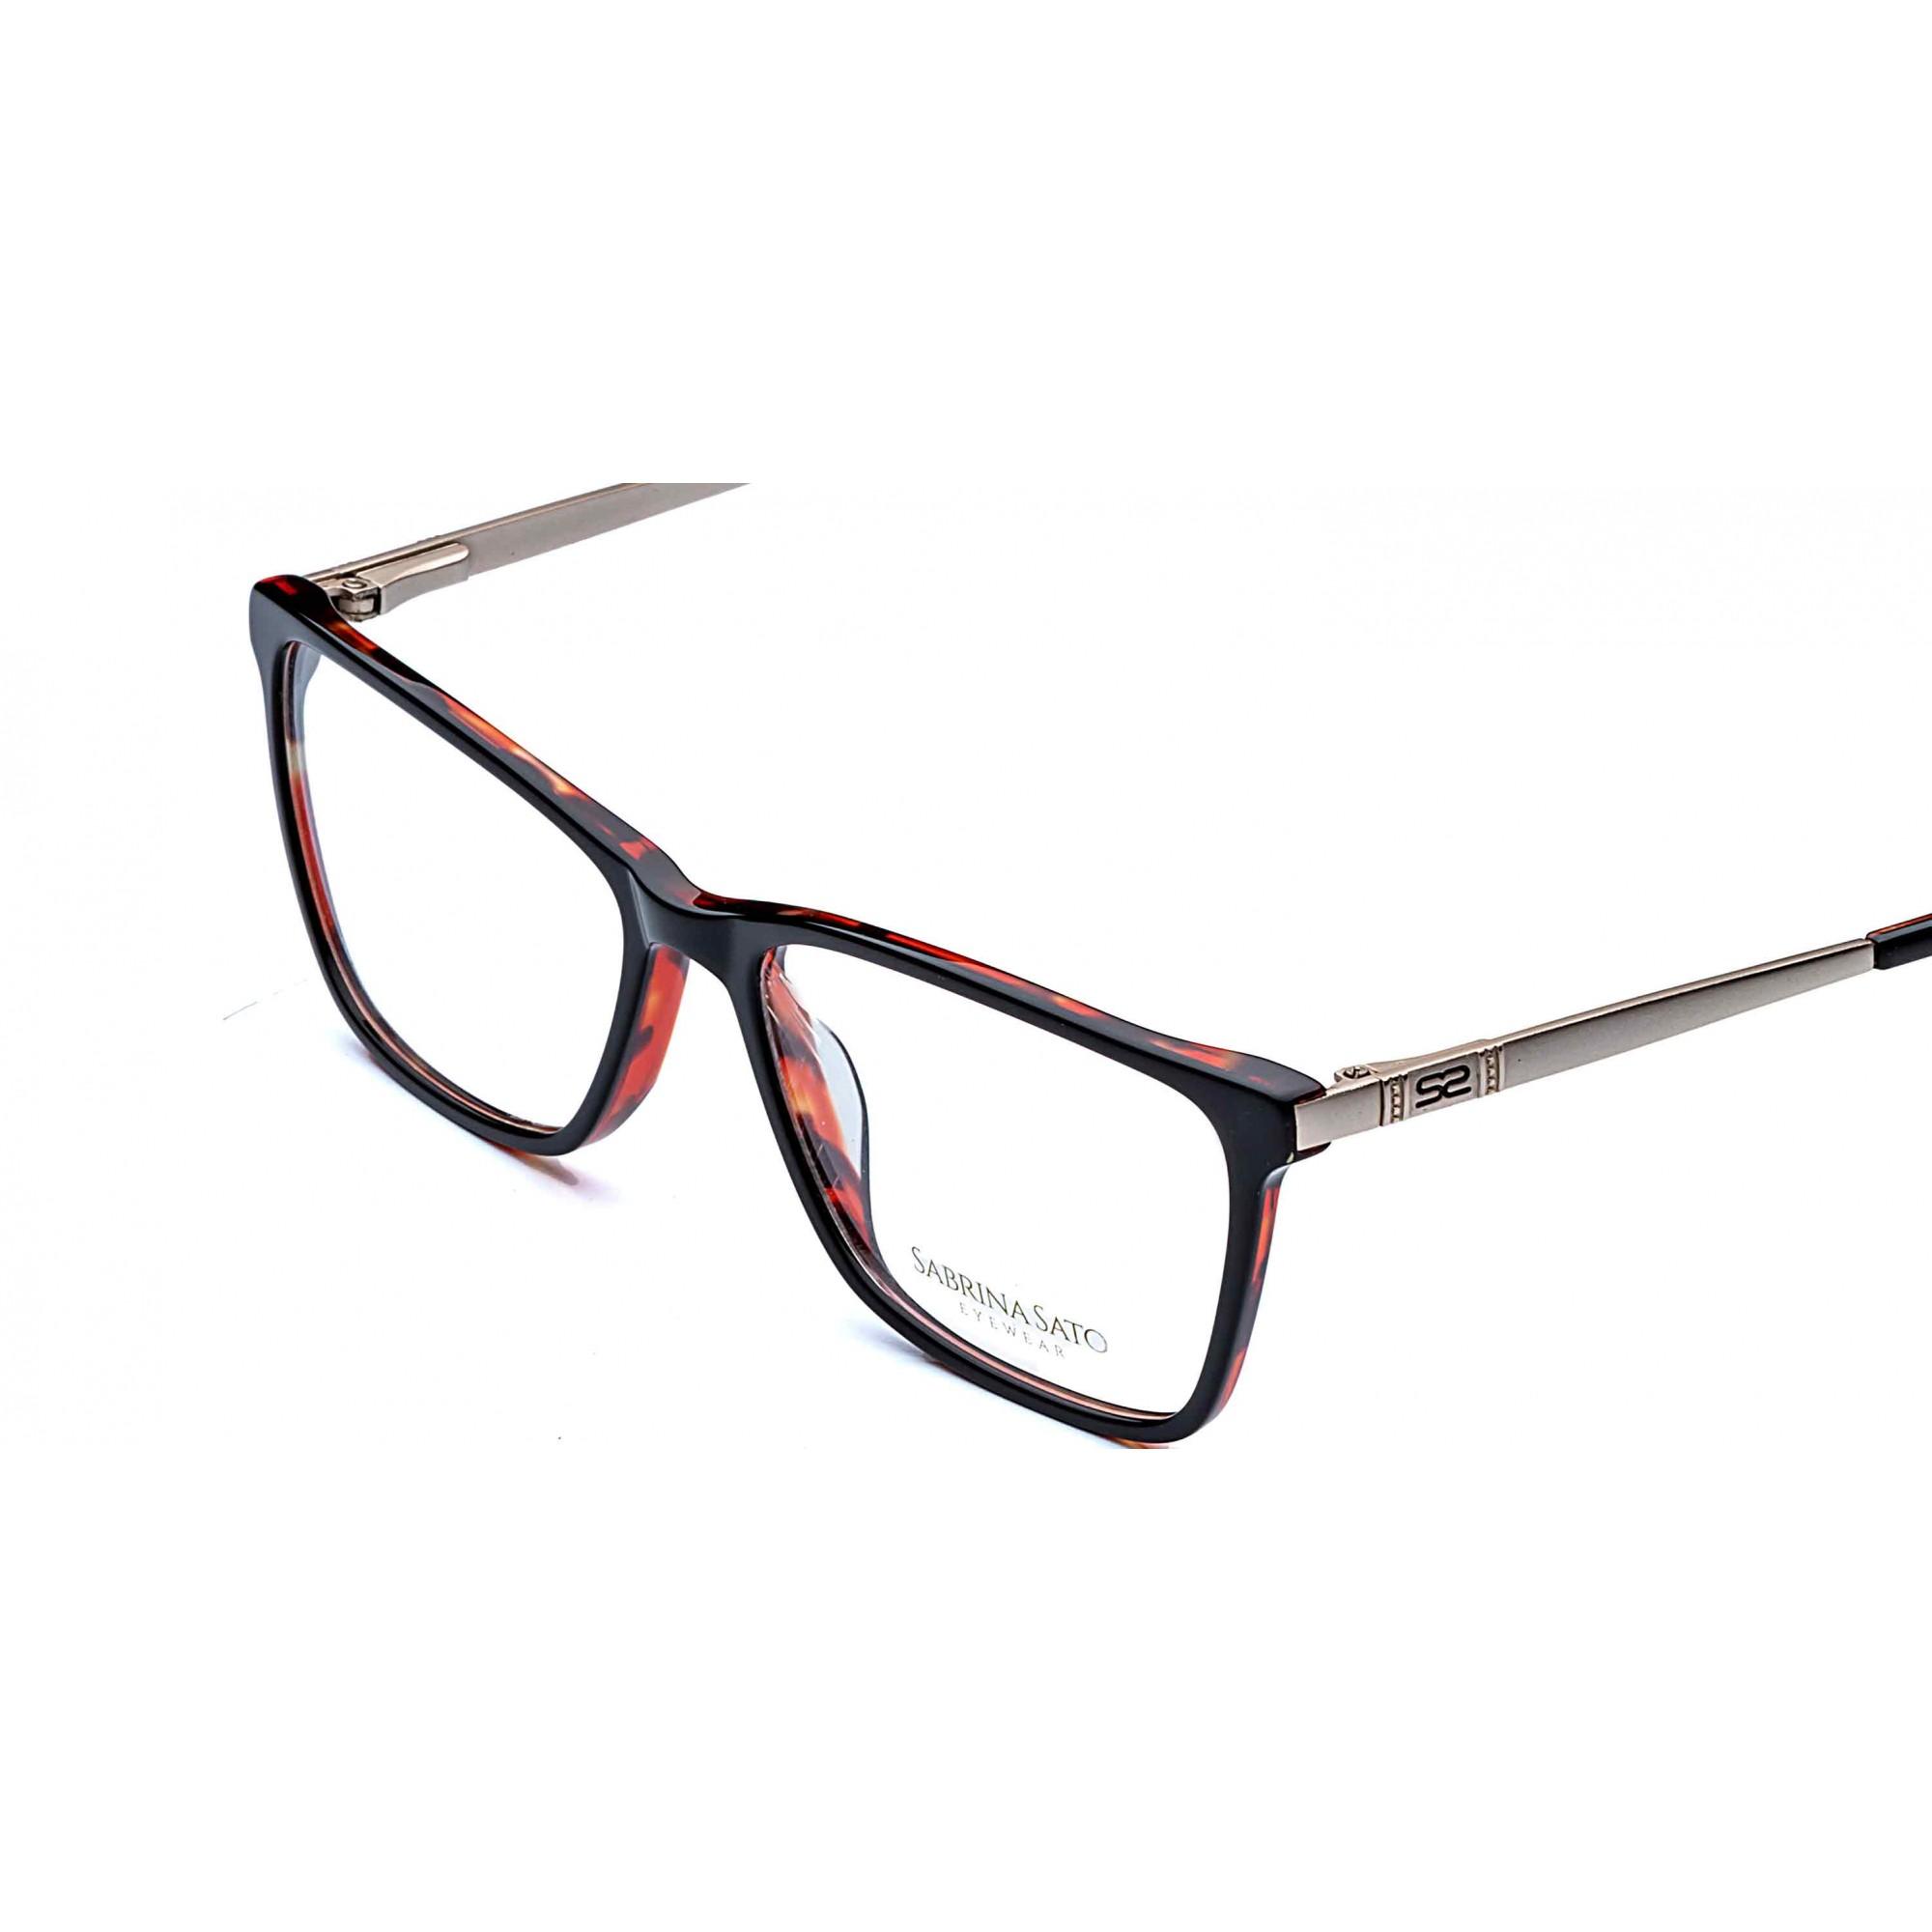 Óculos de Grau SS399 Sabrina Sato - Original